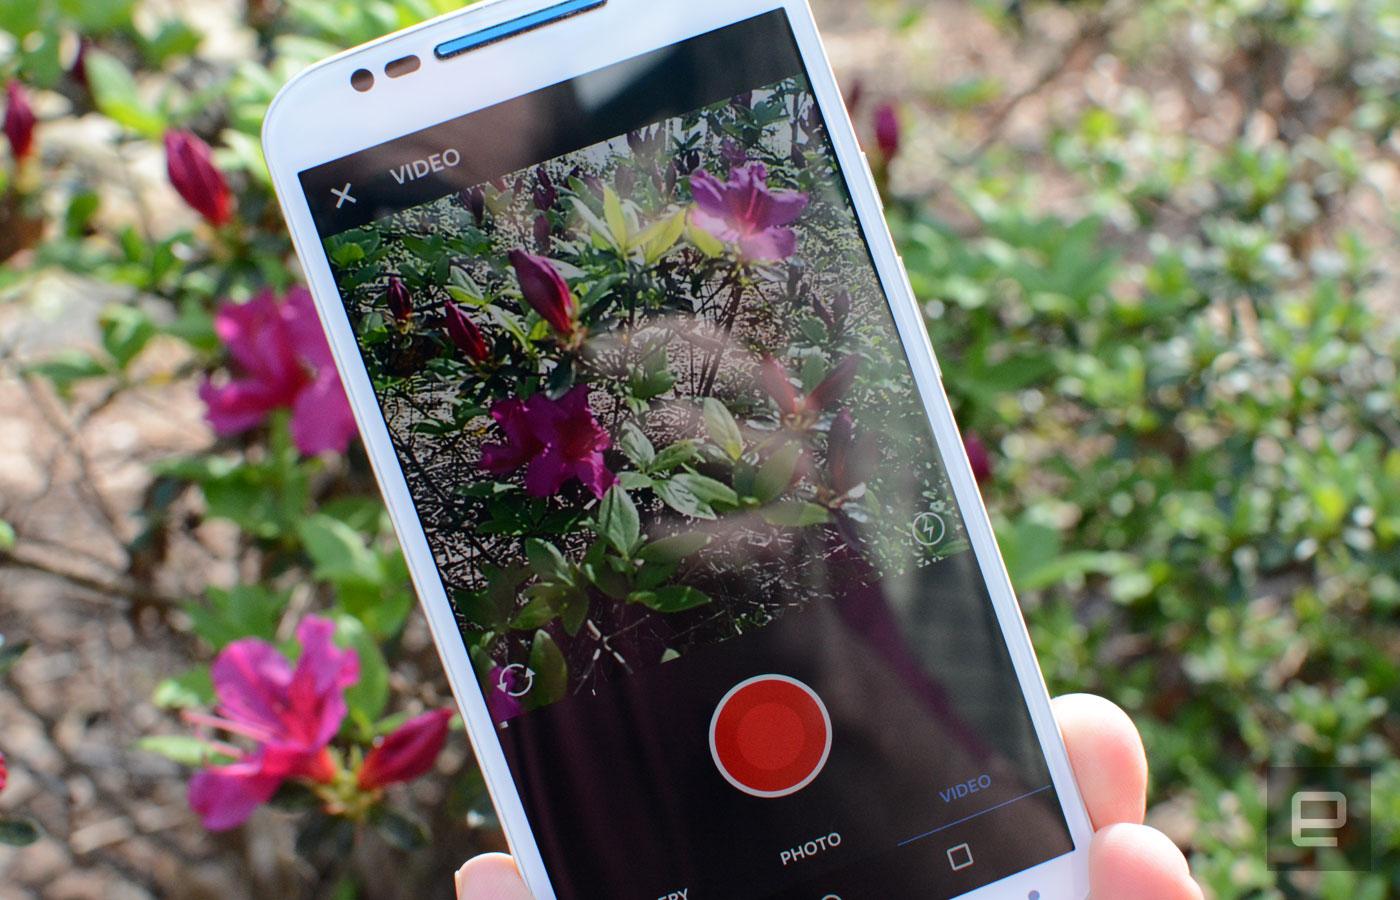 Ahora puedes grabar vídeos de 60 segundos en Instagram